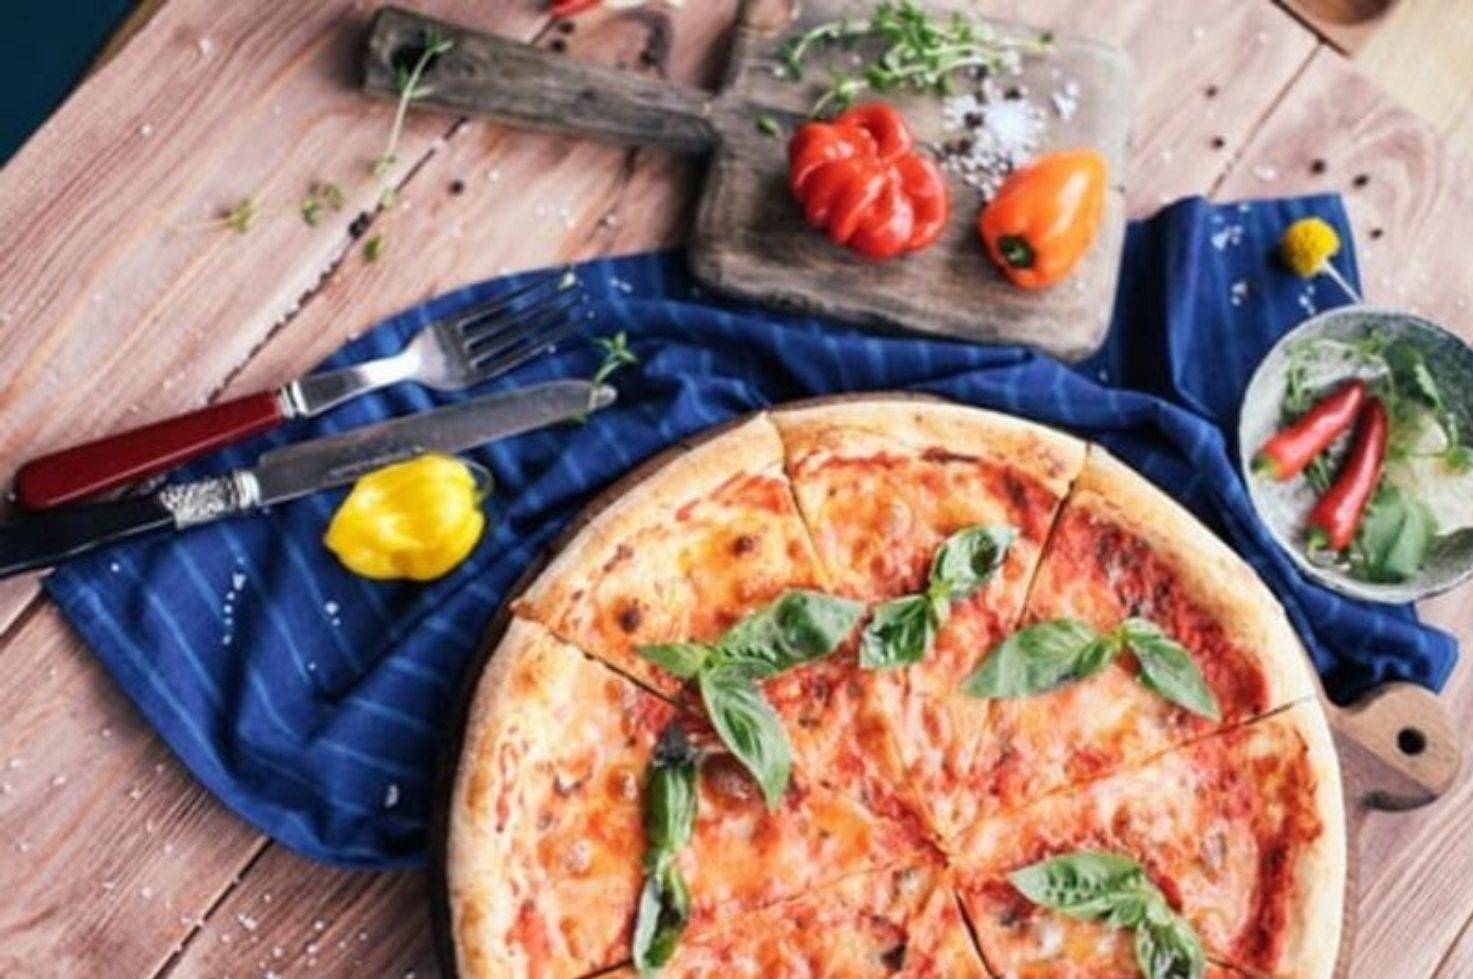 pizza come prepararla con fornetti